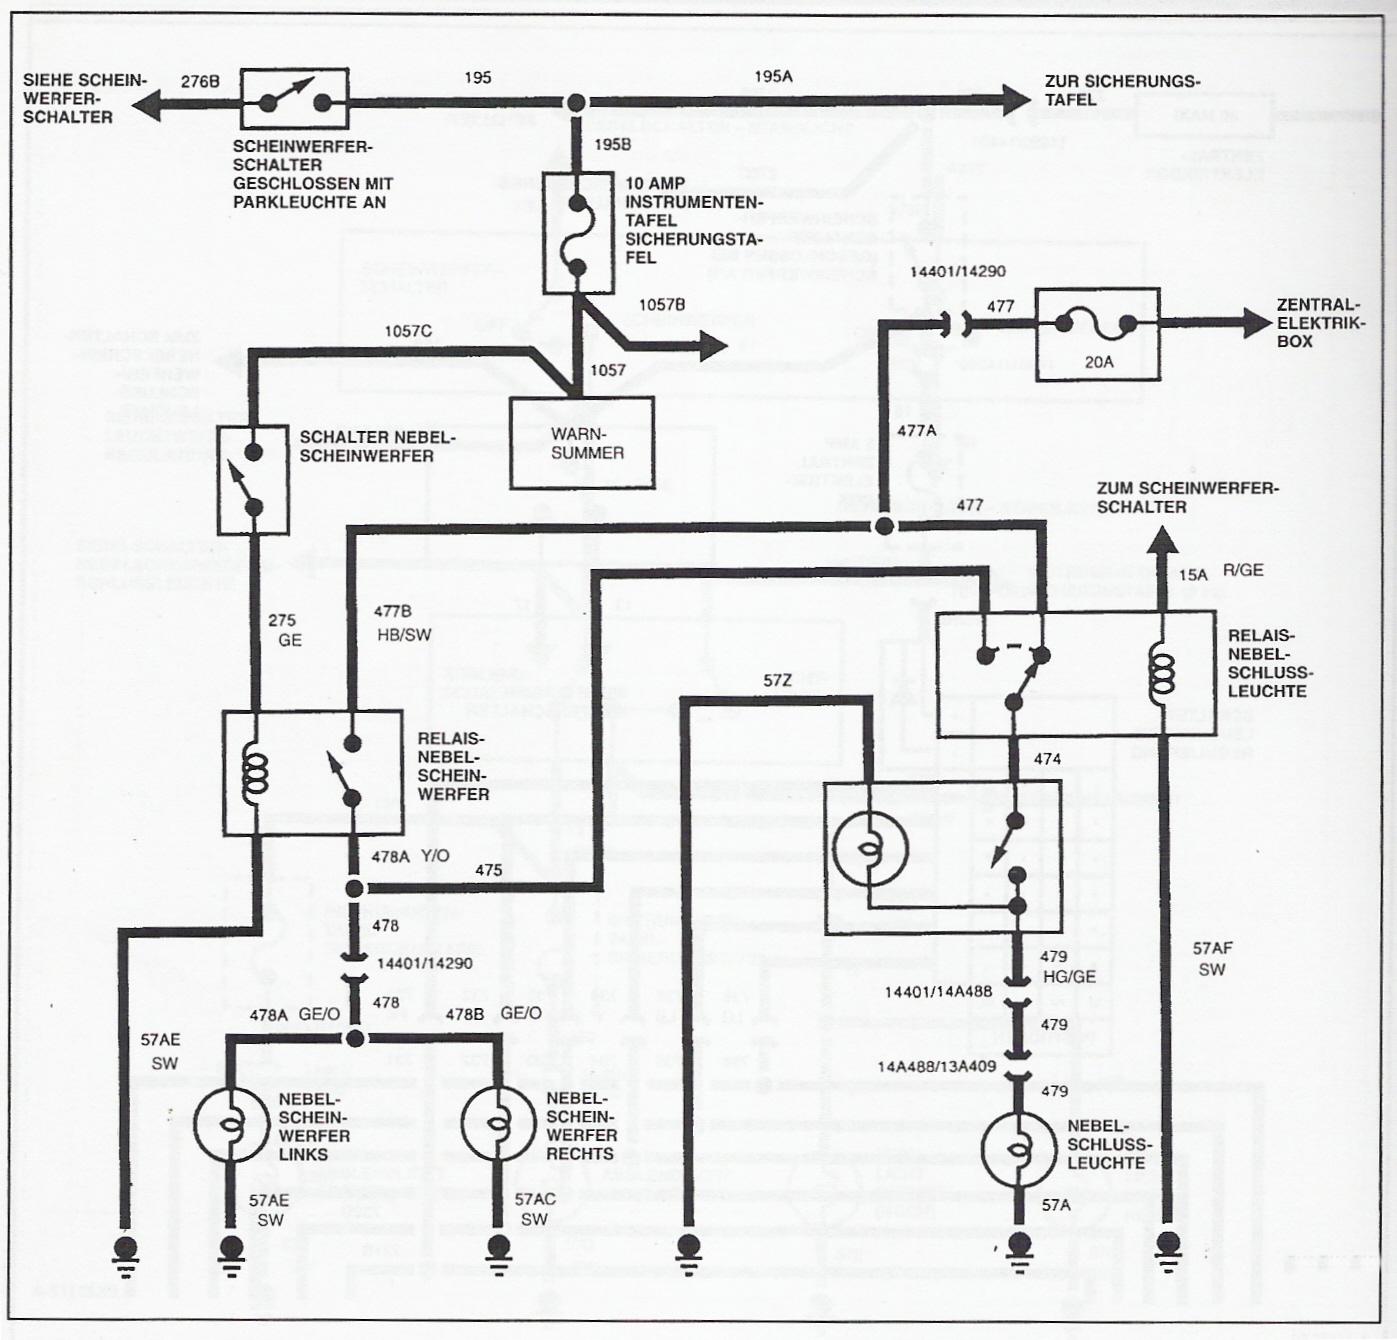 fein ford regler schaltplan galerie - die besten elektrischen schaltplan-ideen